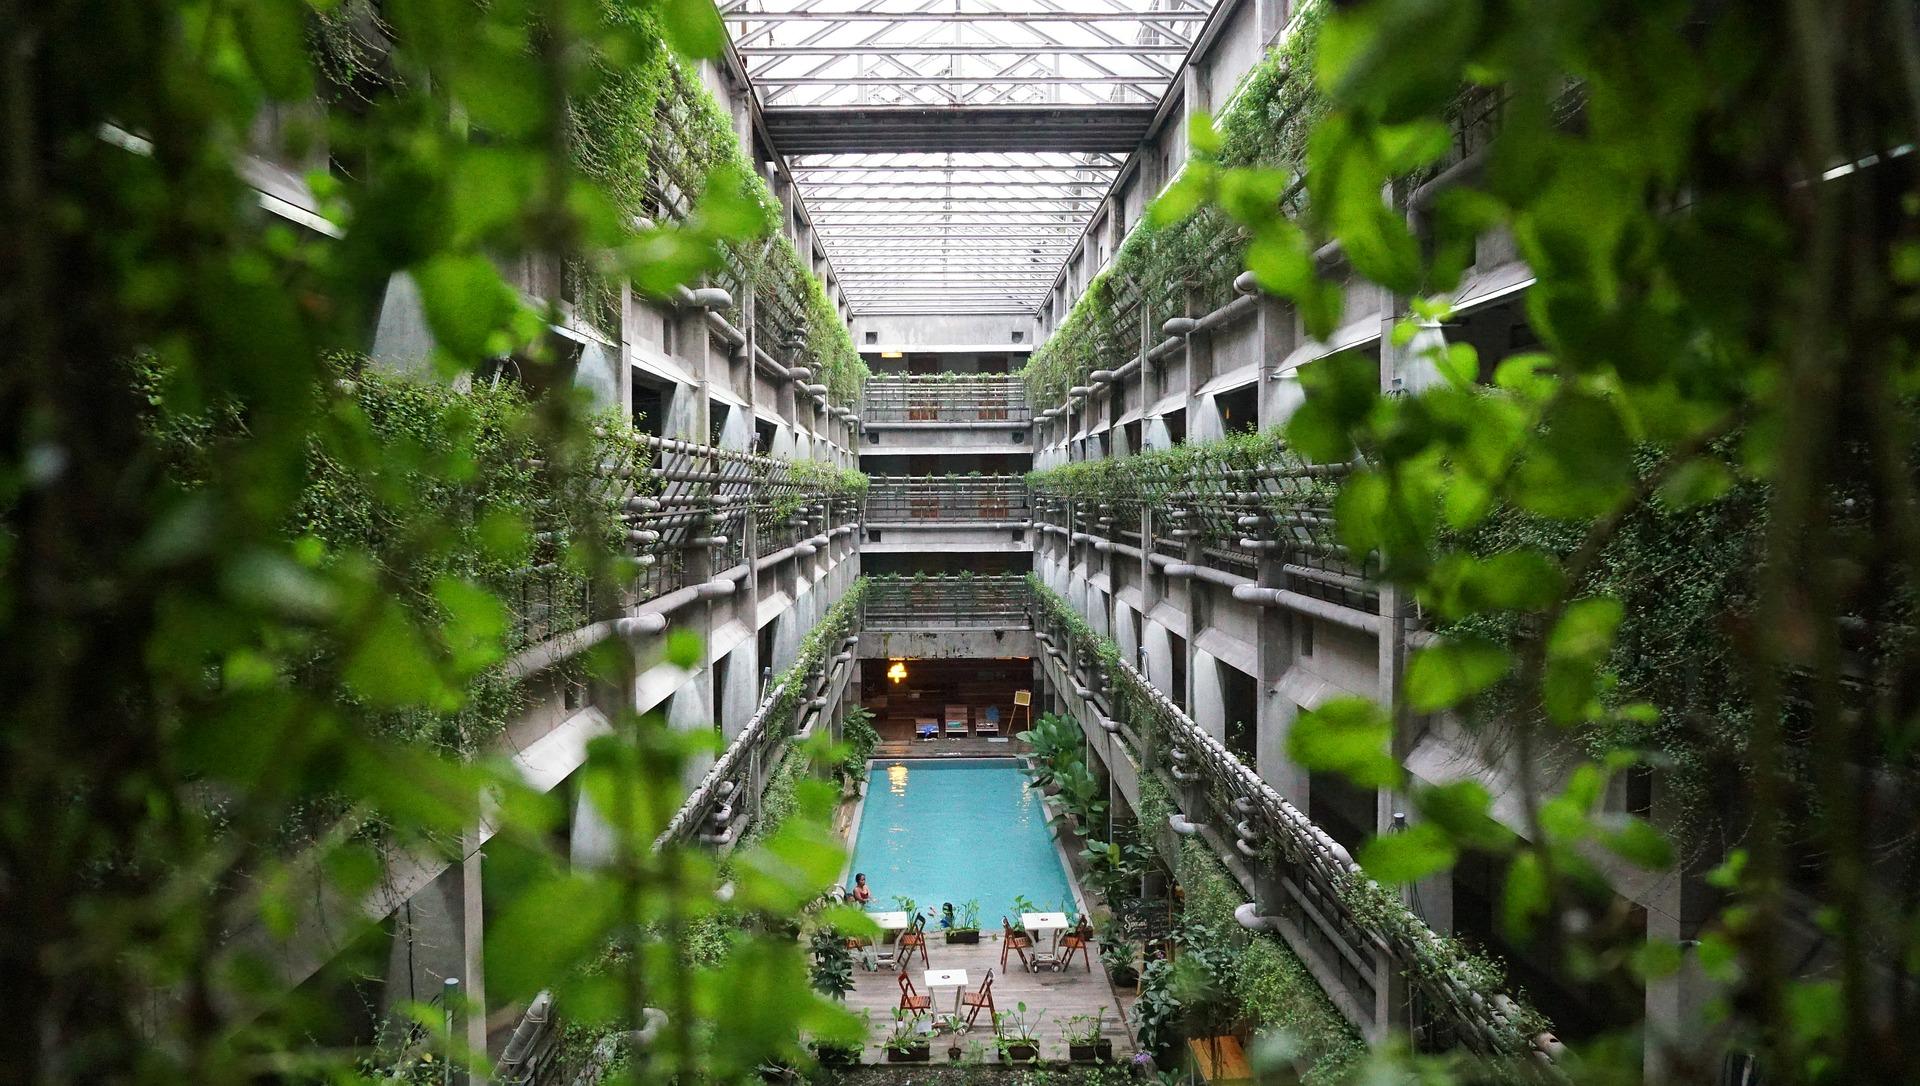 Green building by Sherra Triarosdiana